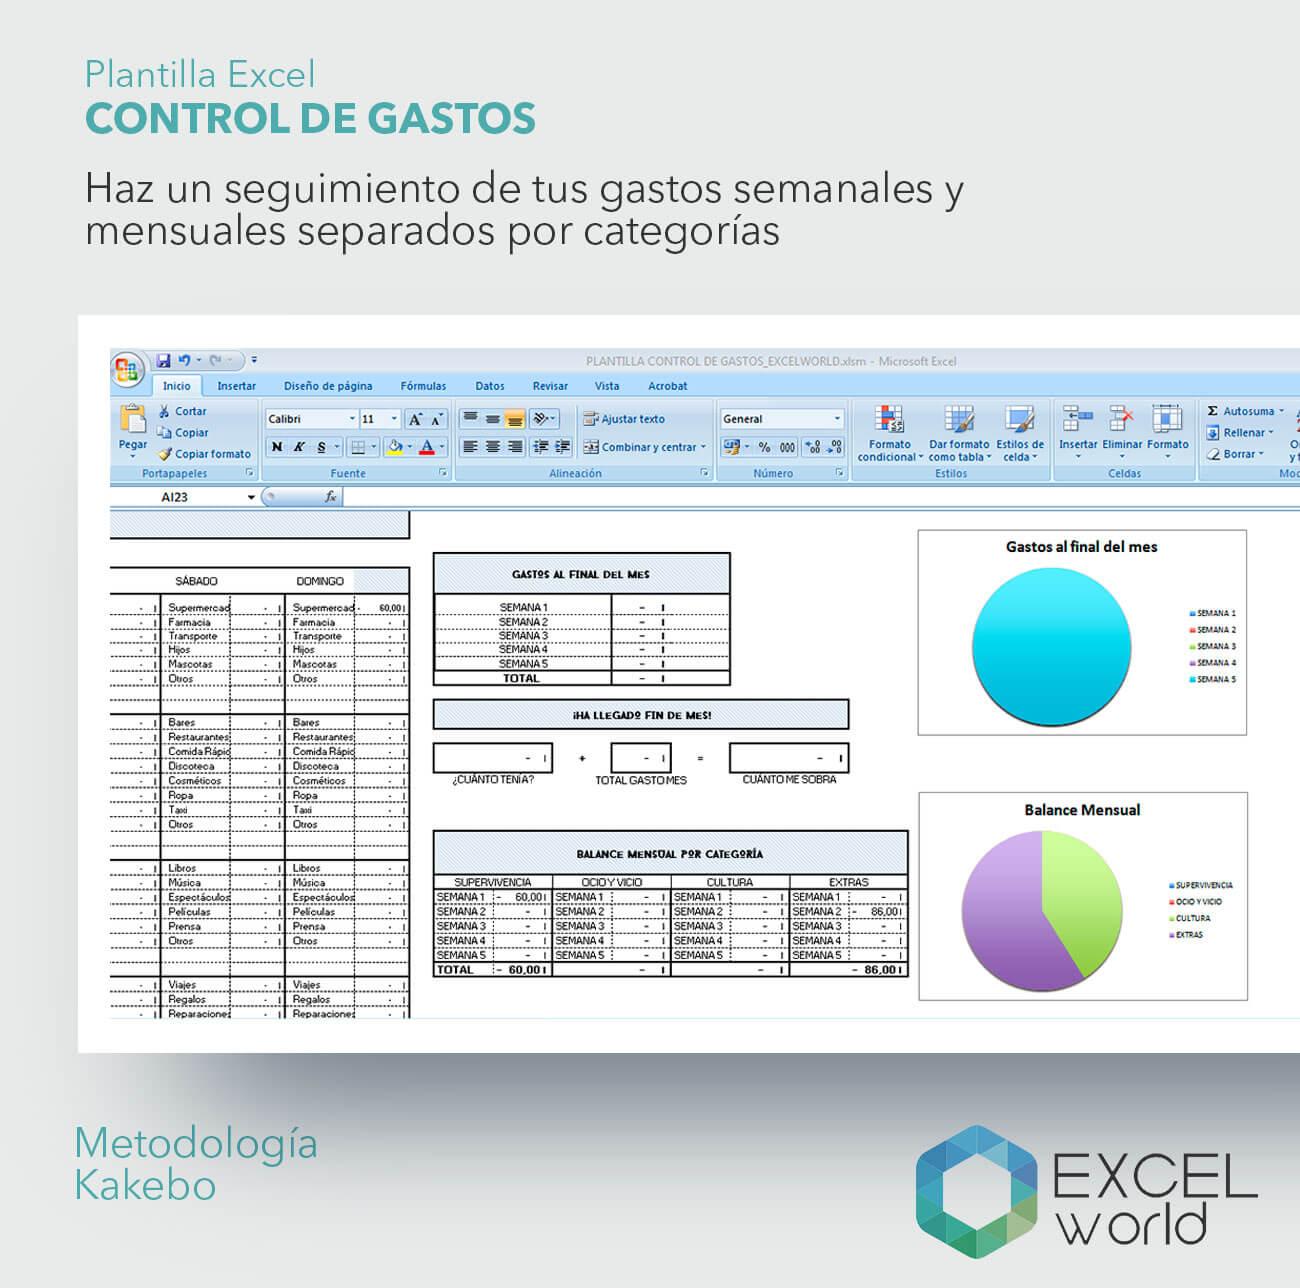 plantilla excelworld control de gastos 2 just exw